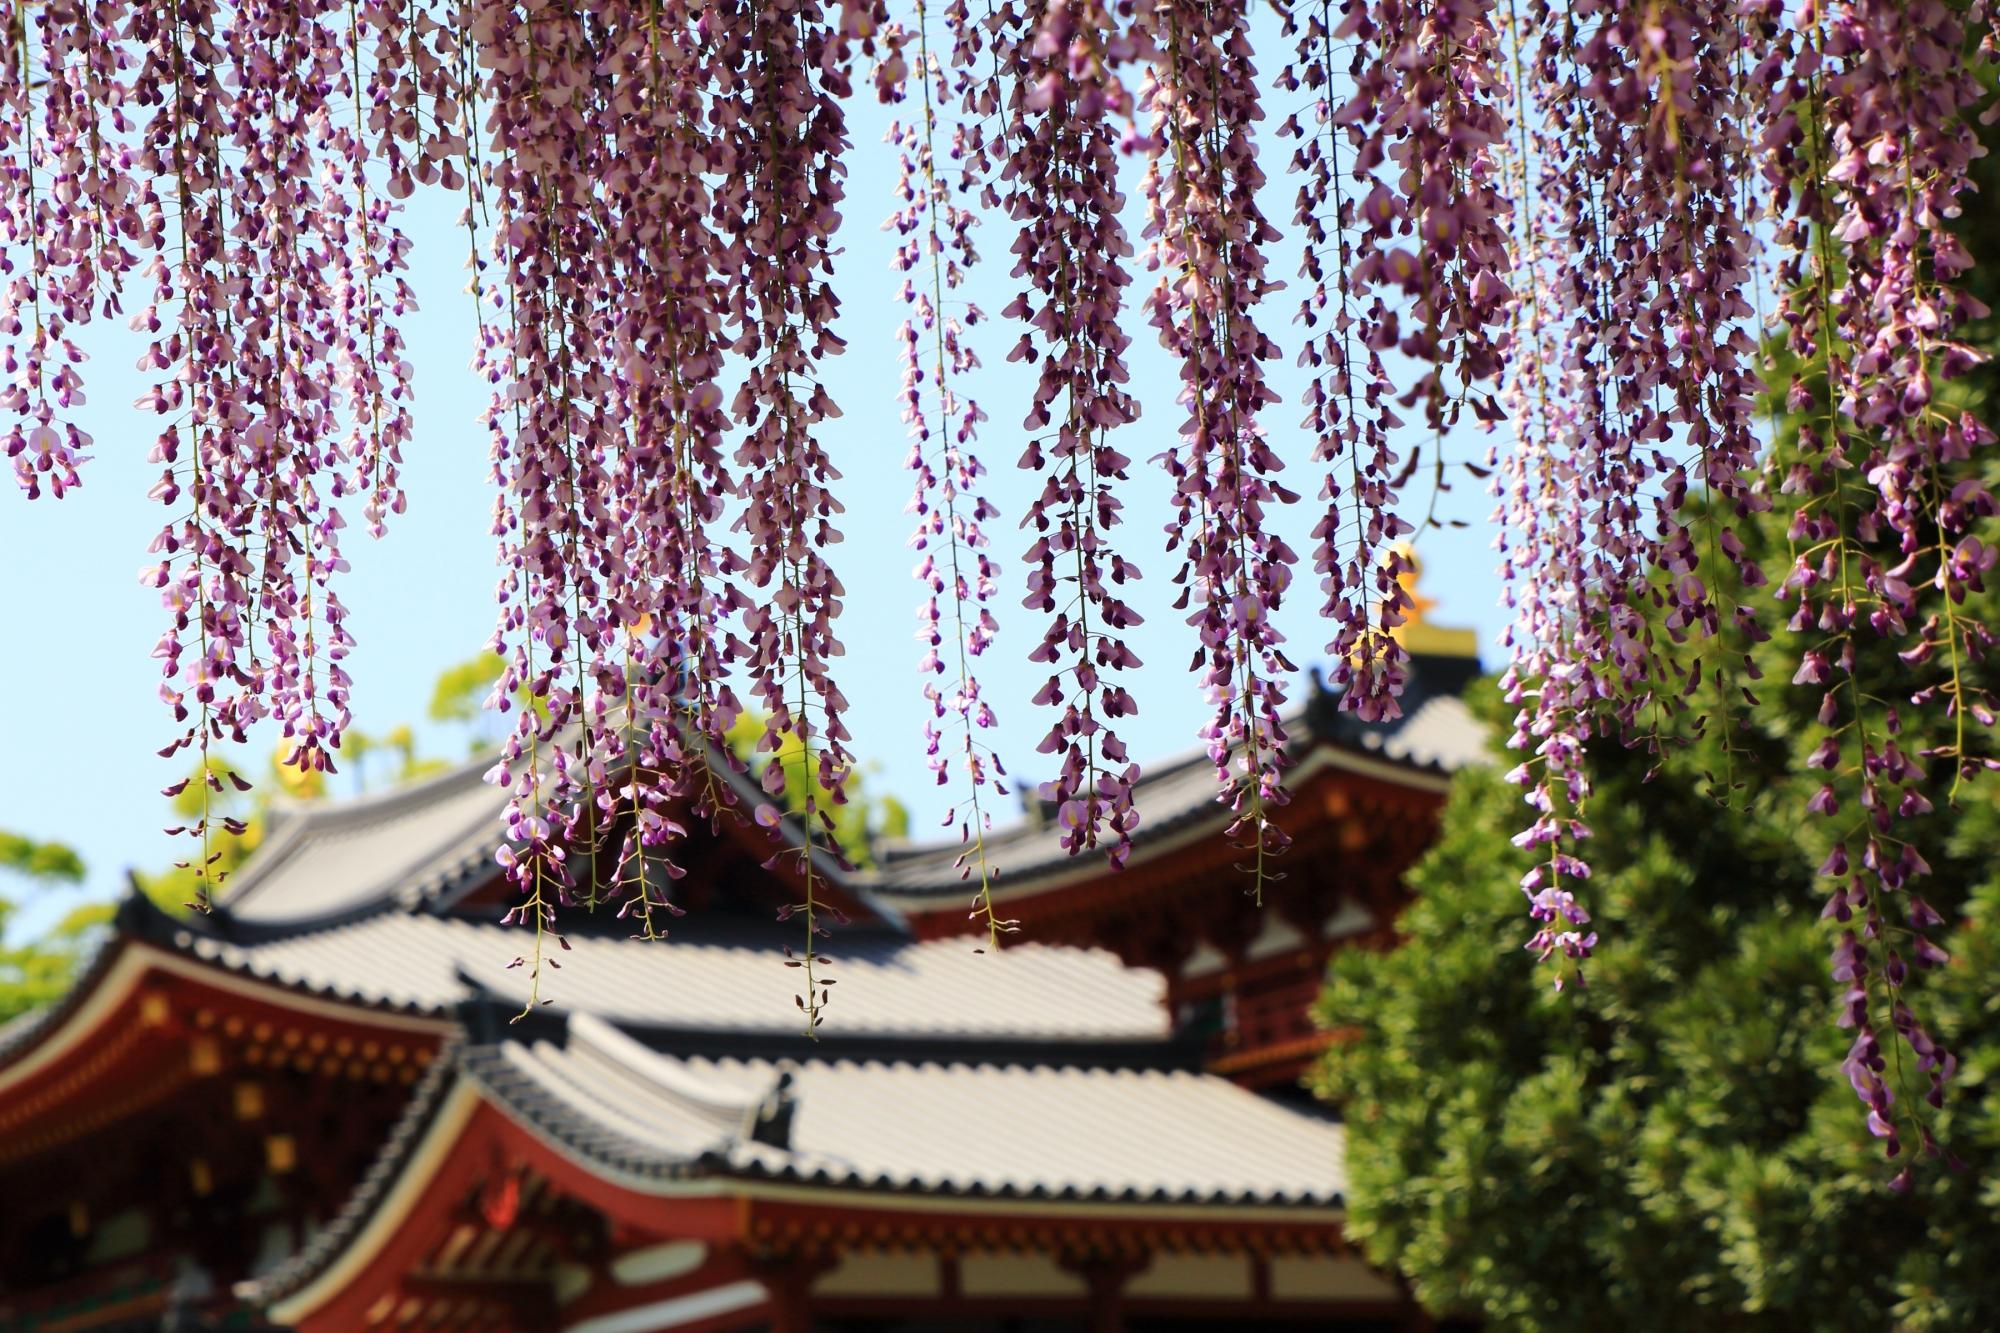 鳳凰堂に降り注ぐ藤の花